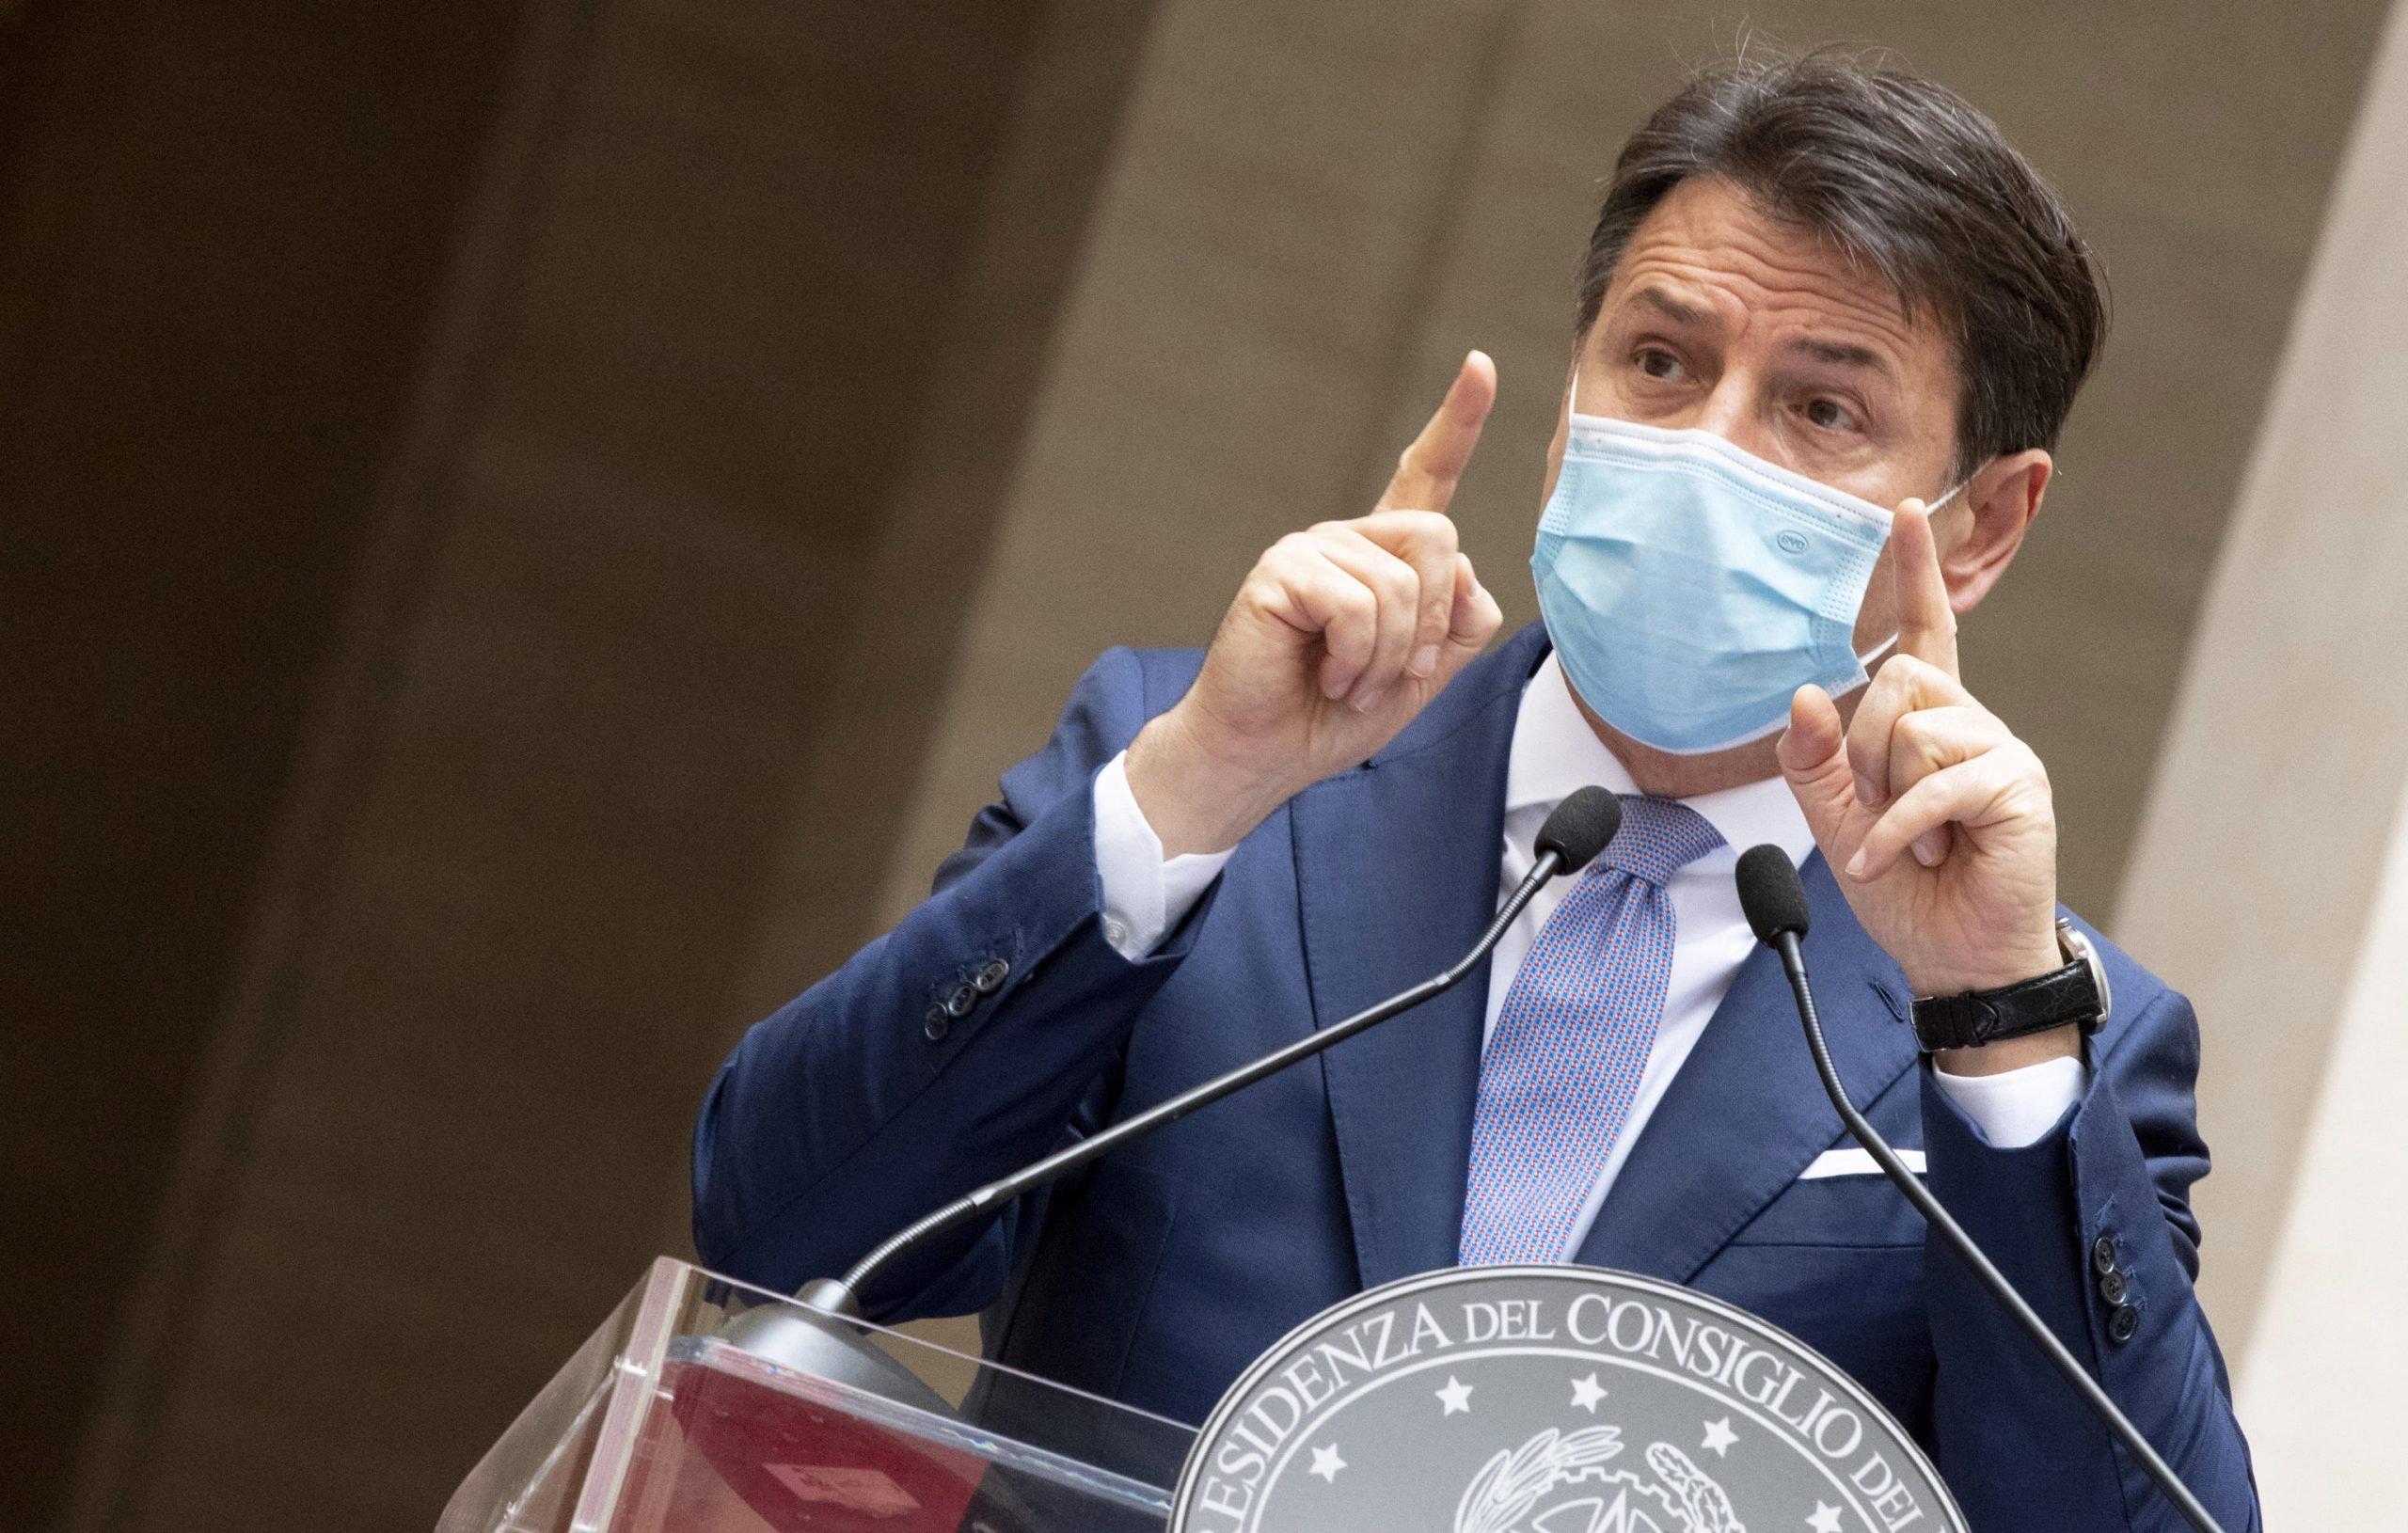 Coronavirus. Il Consiglio dei ministri approva decreto-legge, stop spostamenti tra regioni.